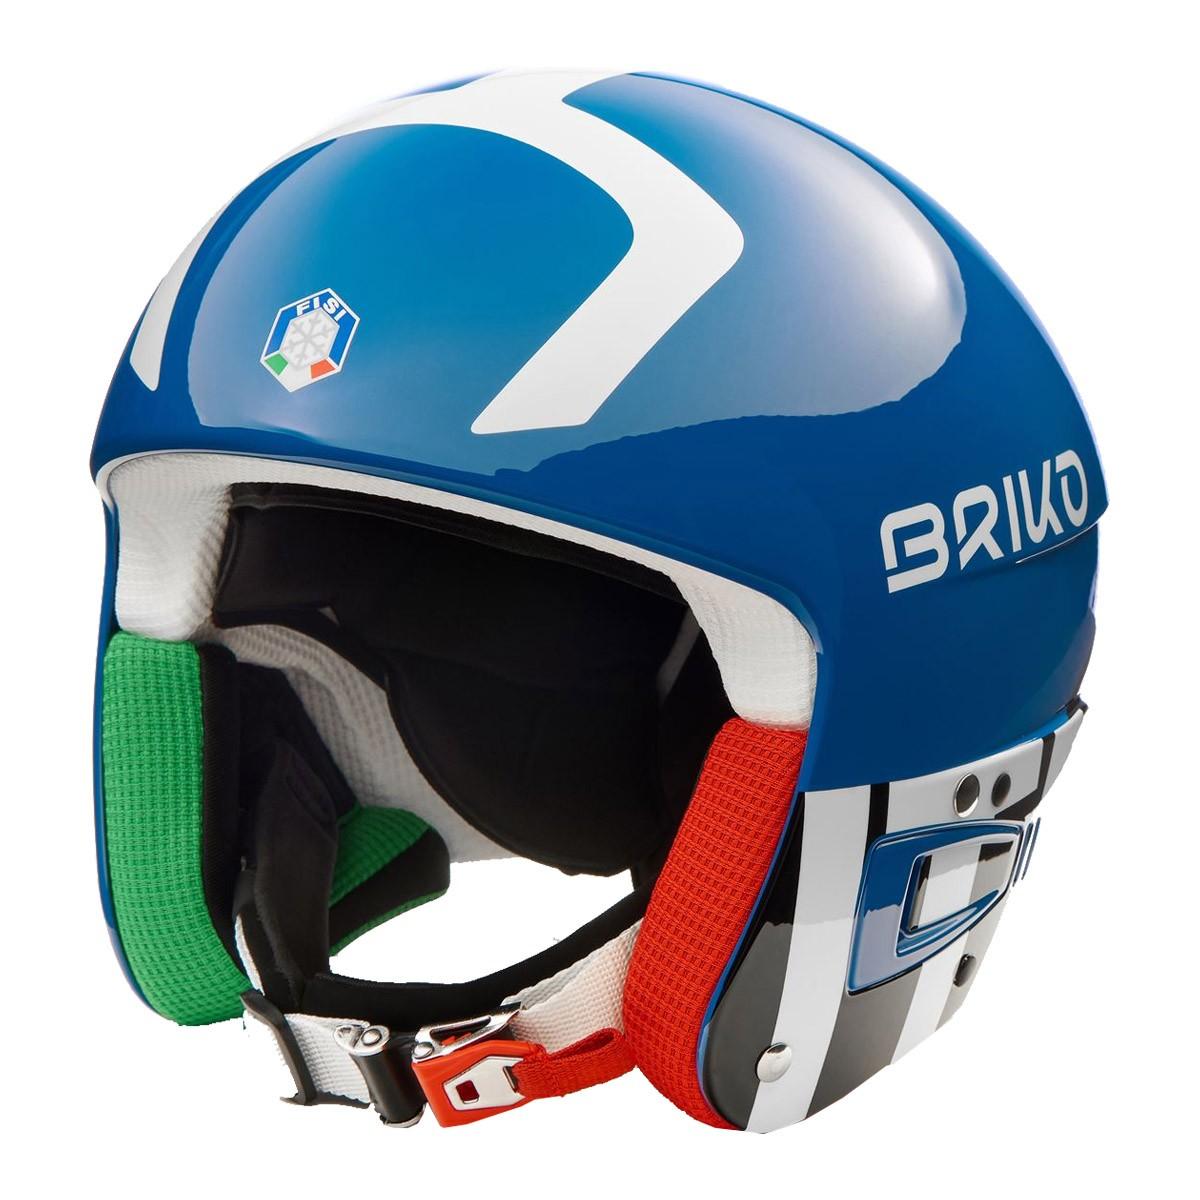 Casco sci Briko Vulcano 6.8 (Colore: ROYAL BLUE, Taglia: XS)